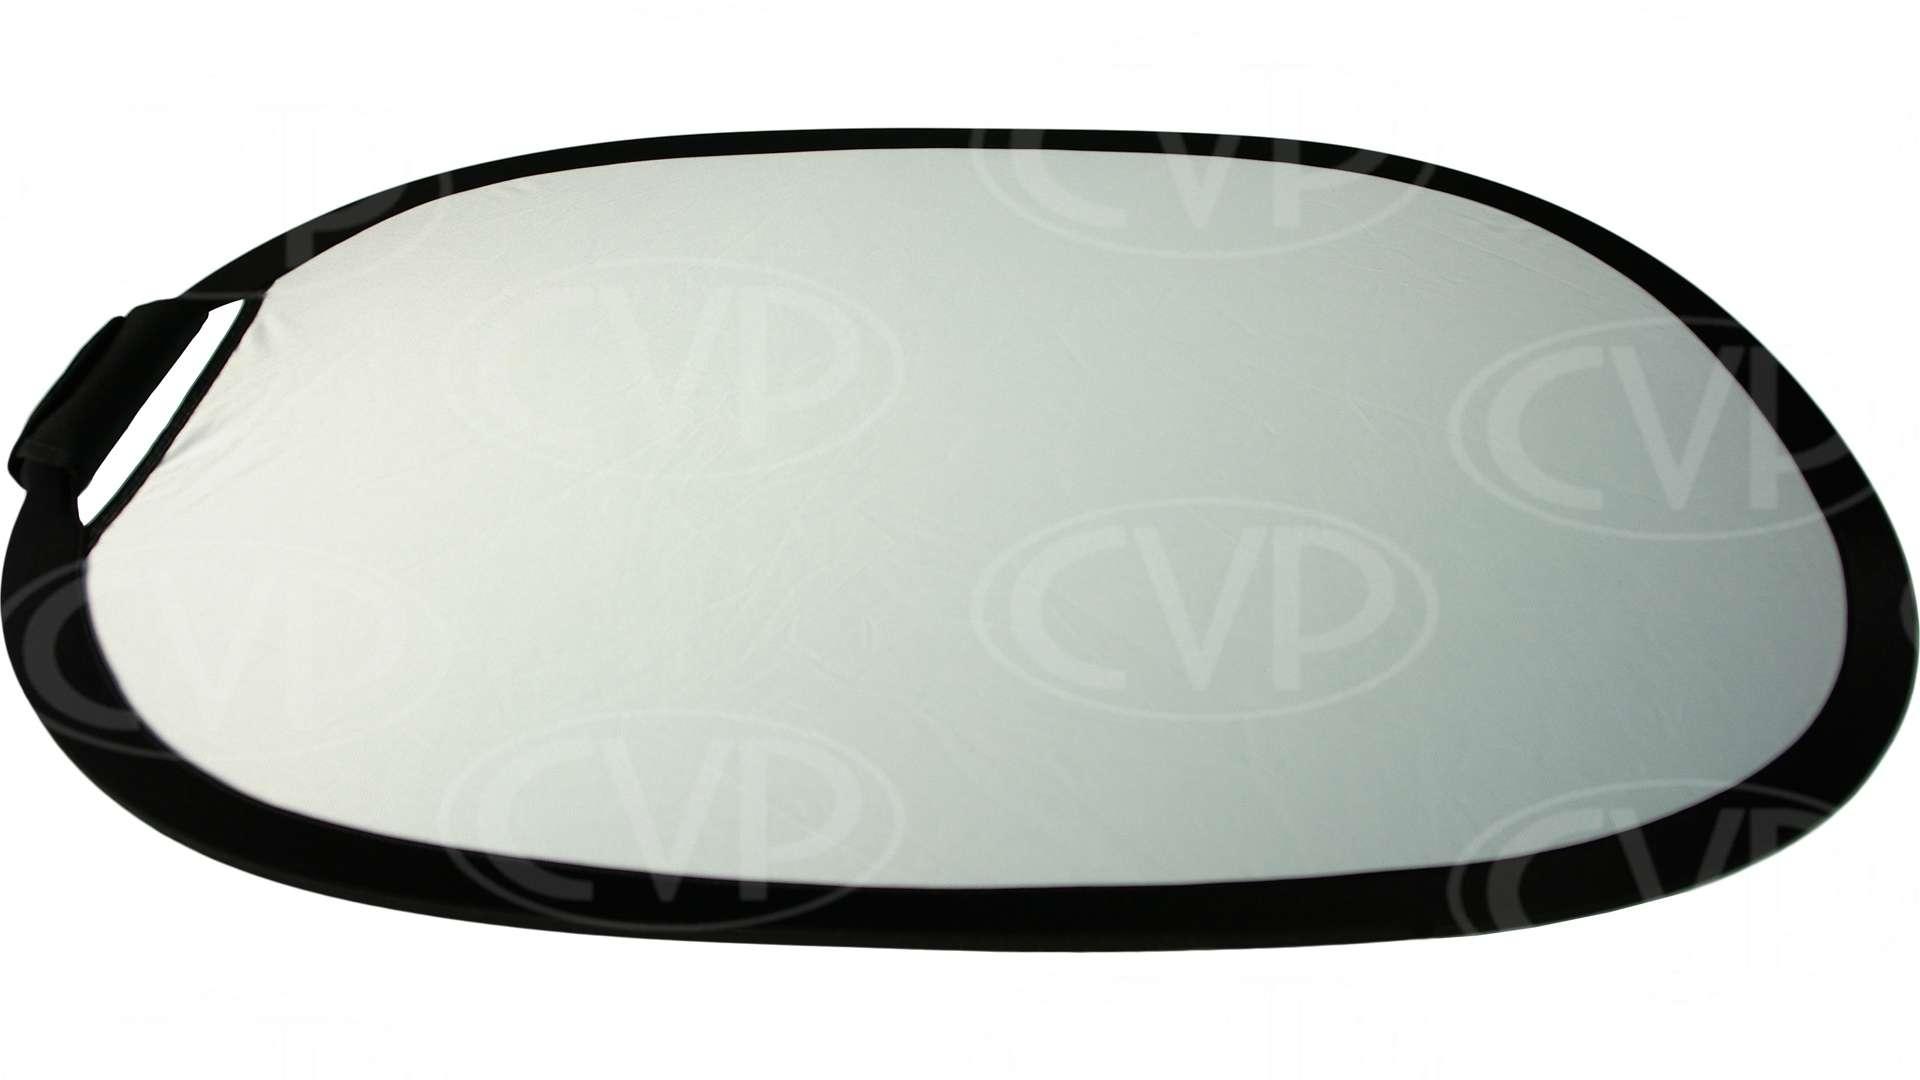 Gekko Hand Grip Rectangular Reflector Silver/White - 24-inch x 36-inch